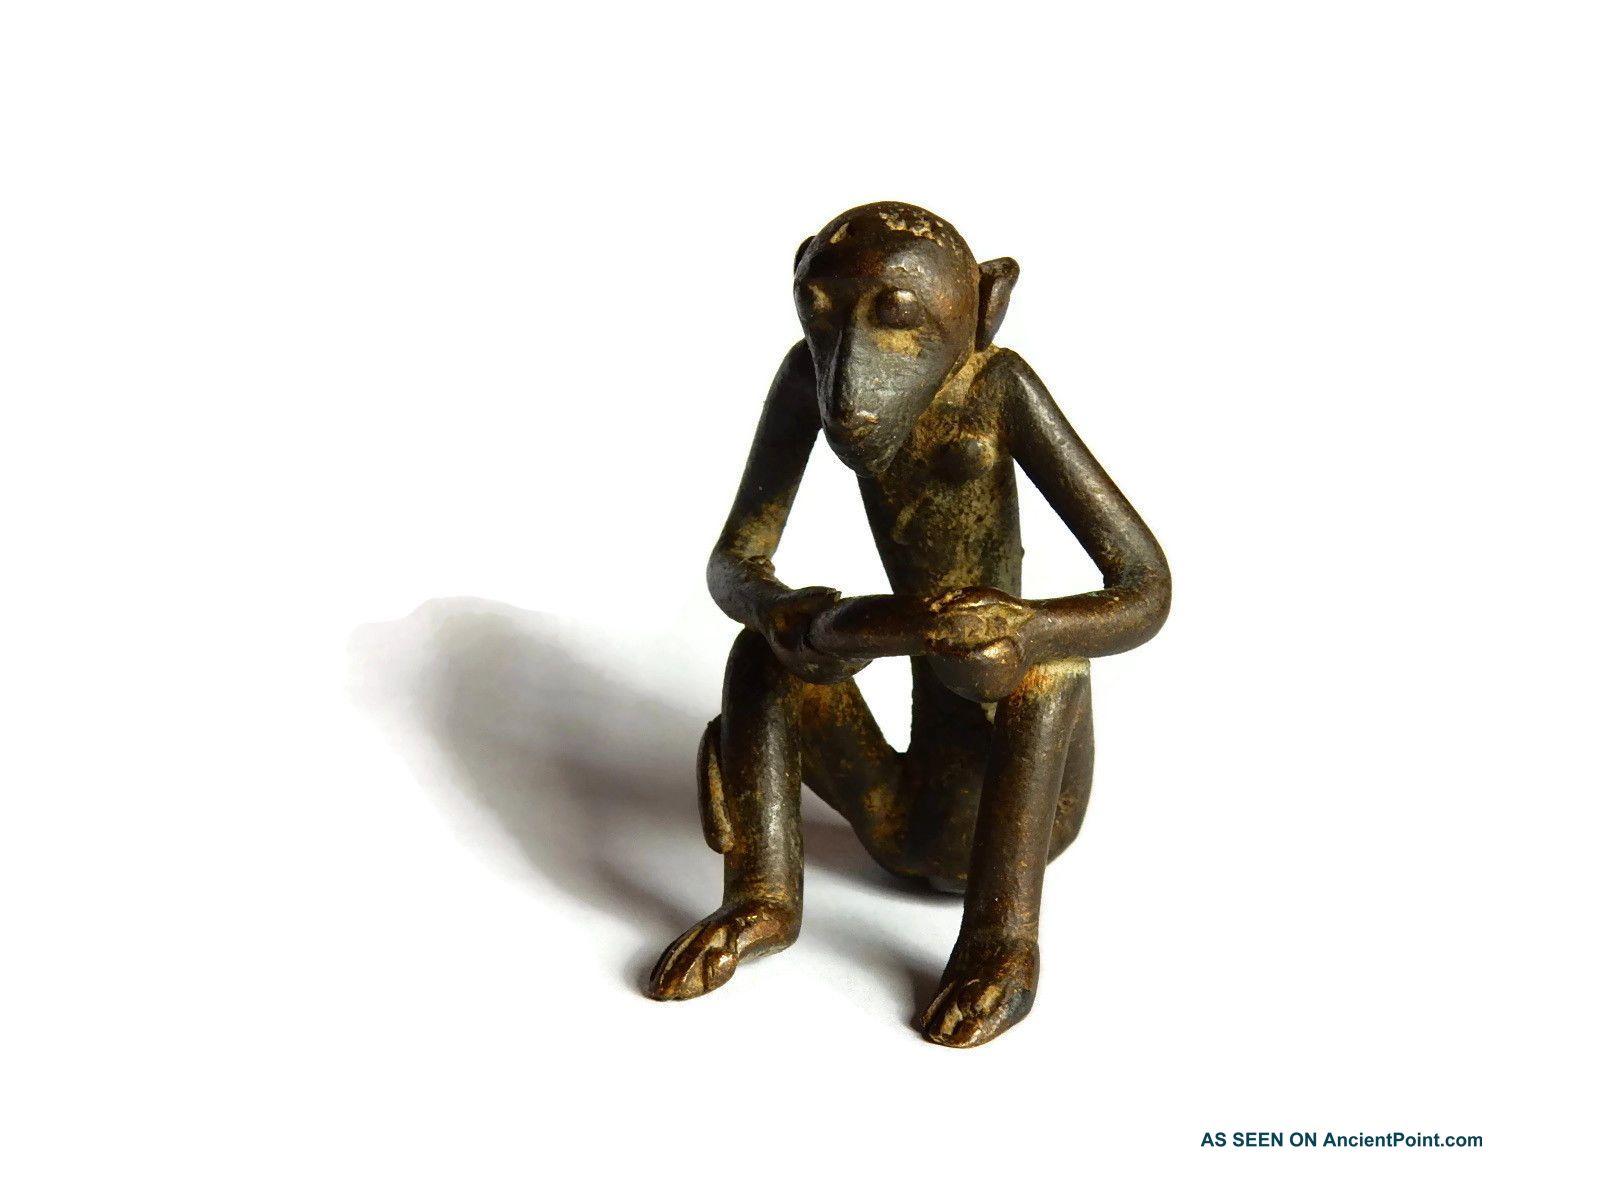 African Antique Cast Bronze Akan Ashanti Gold Weight - A Monkey 1 Sculptures & Statues photo